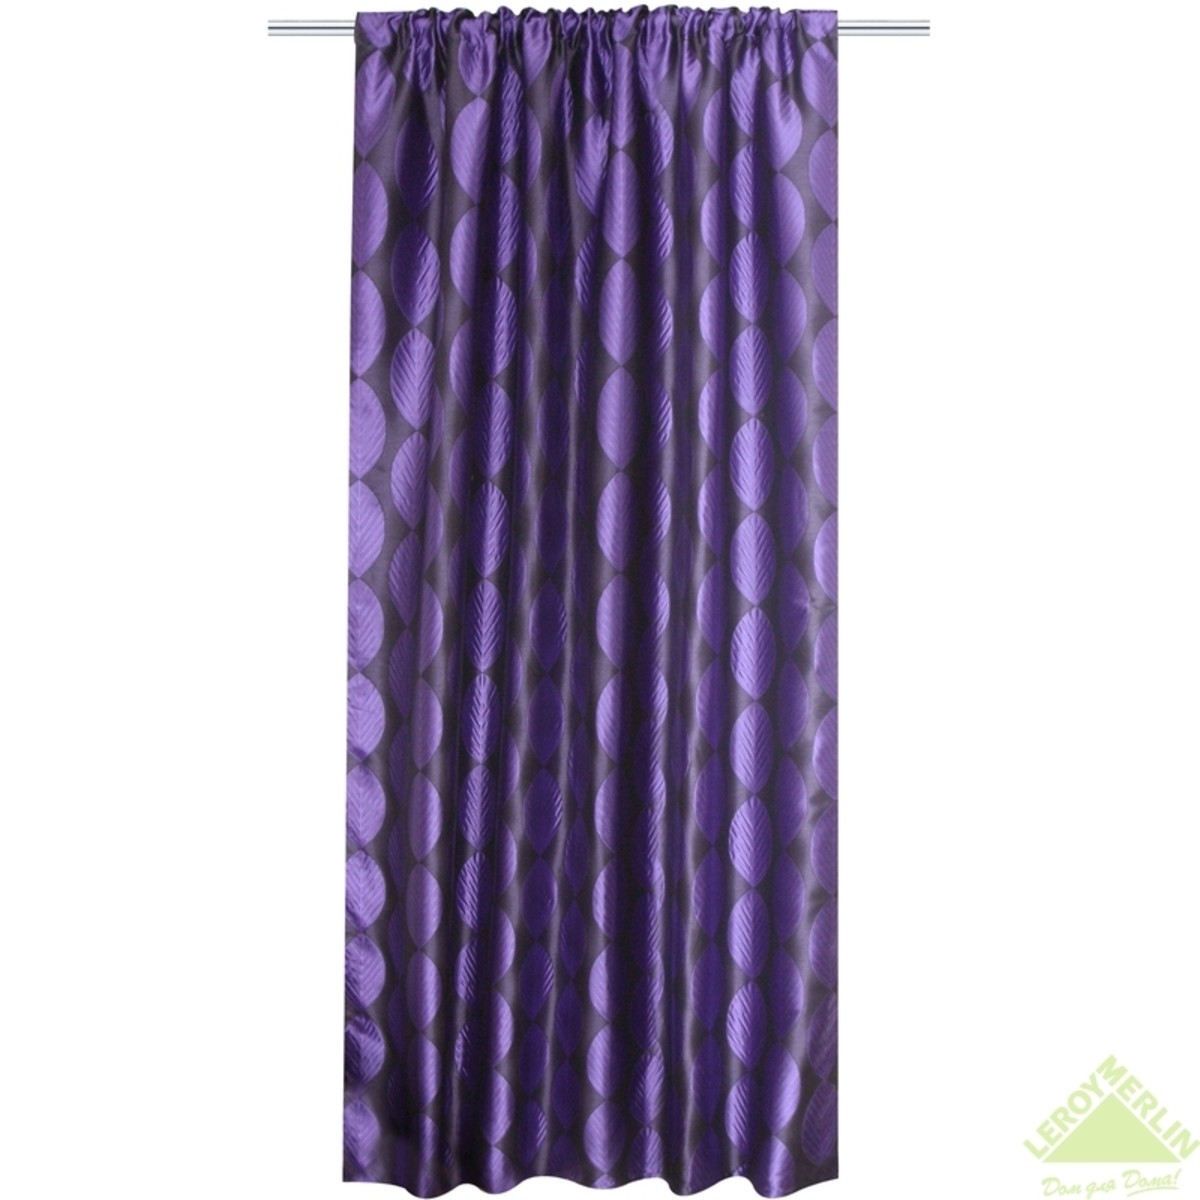 Штора 140x260 см Актау лента фиолетовый